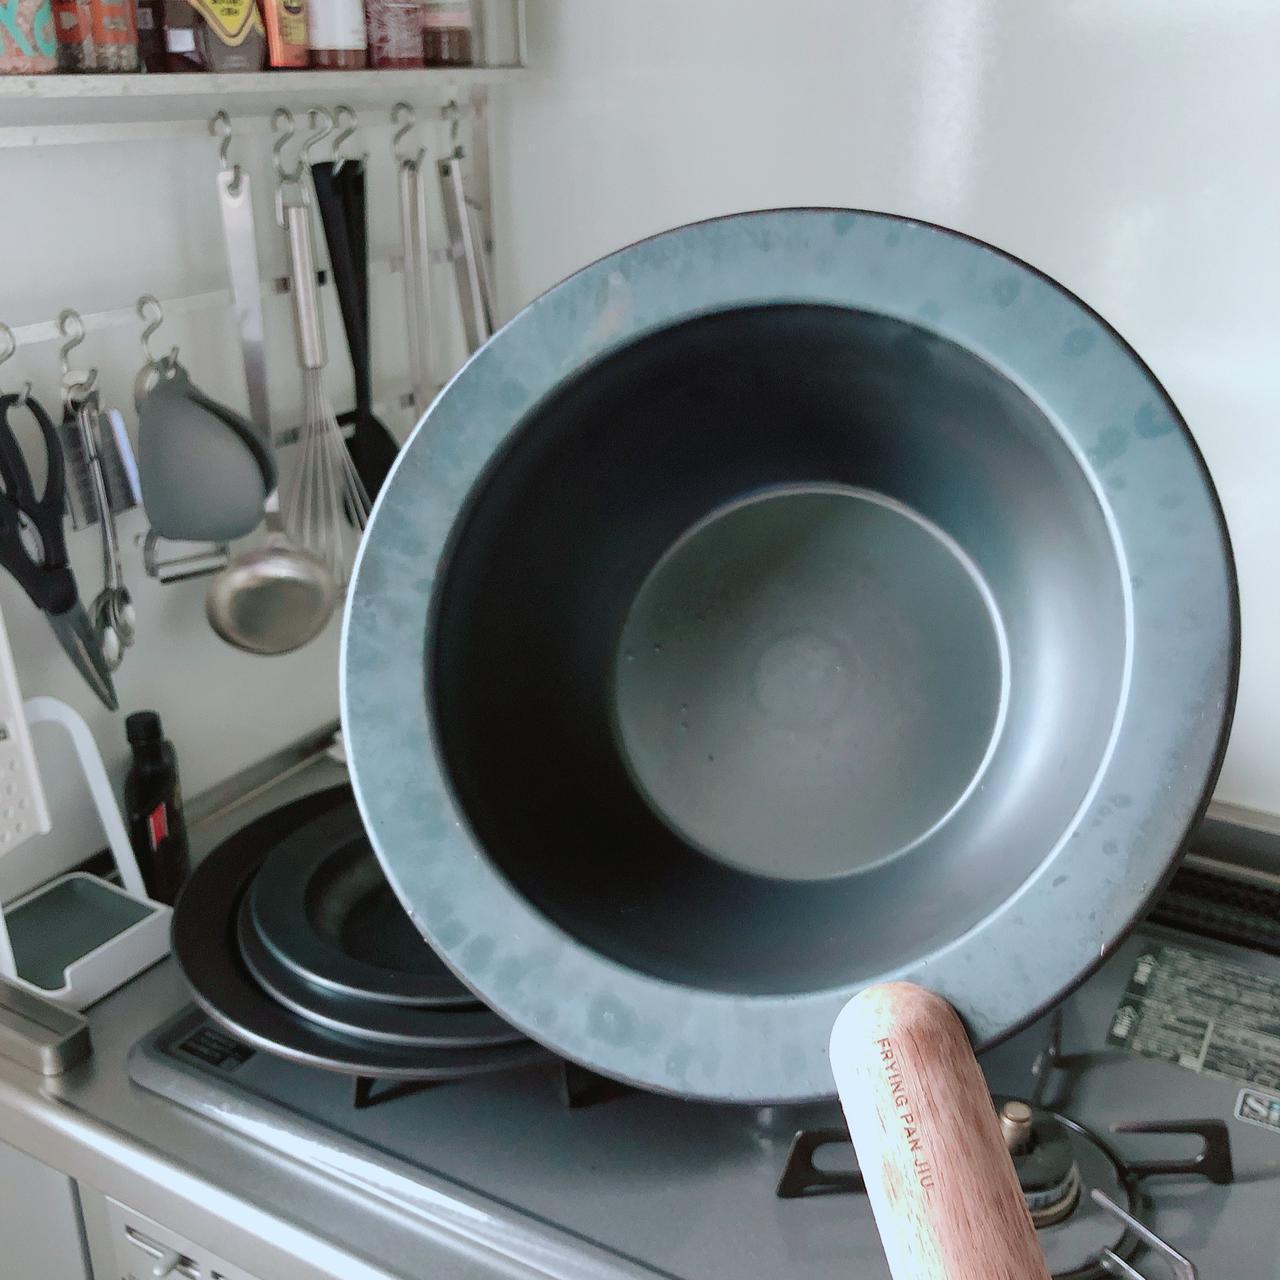 画像1: 洗い物が減るお皿フライパン!おしゃれ評価が高いウワサの鉄フライパン「JIU」を使ってみた